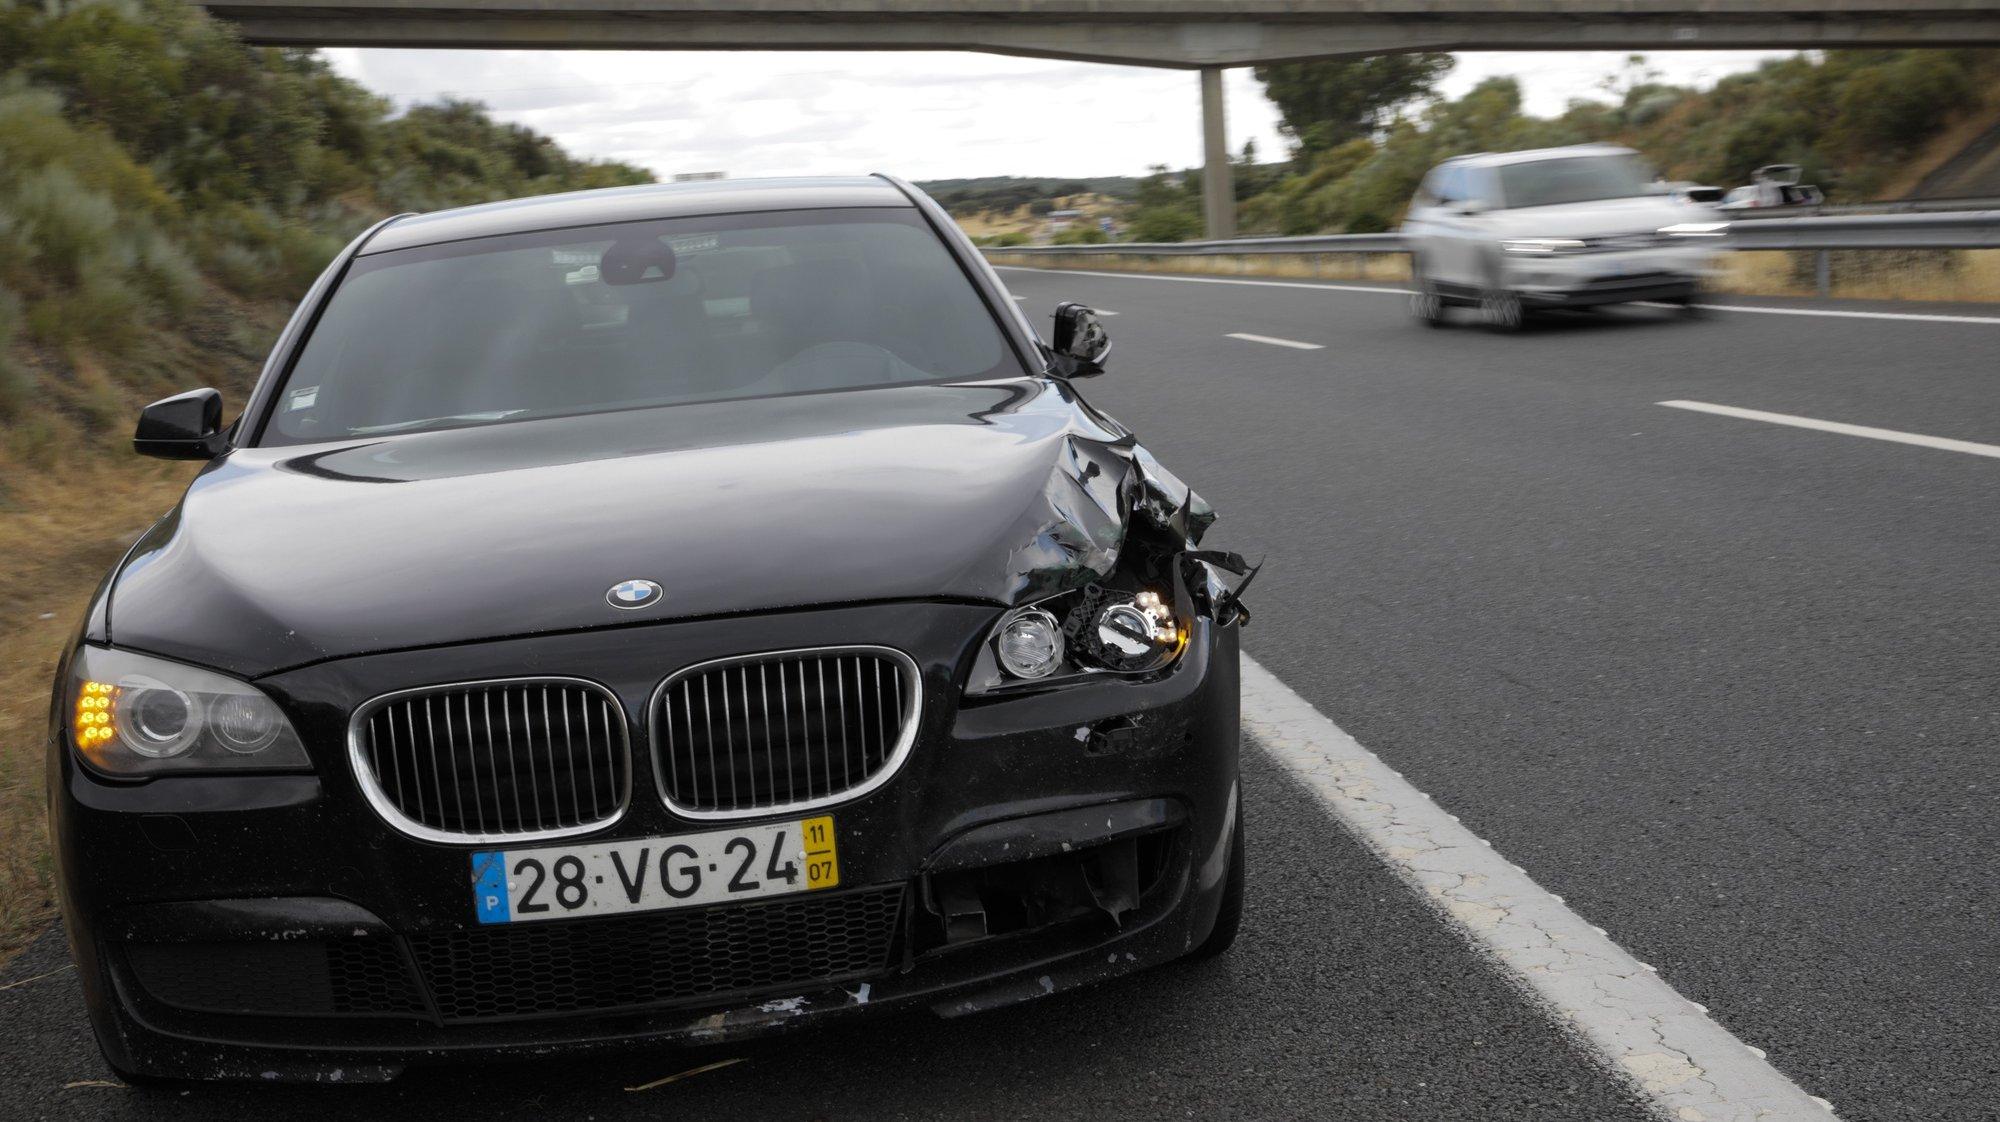 O carro onde seguia o ministro da Administração  Interna, Eduardo Cabrita, estacionado no A6 no seguimento de um acidente que envolveu uma vitima mortal por atropelamento, Évora, 18 de junho de 2021. PAULO CUNHA /LUSA